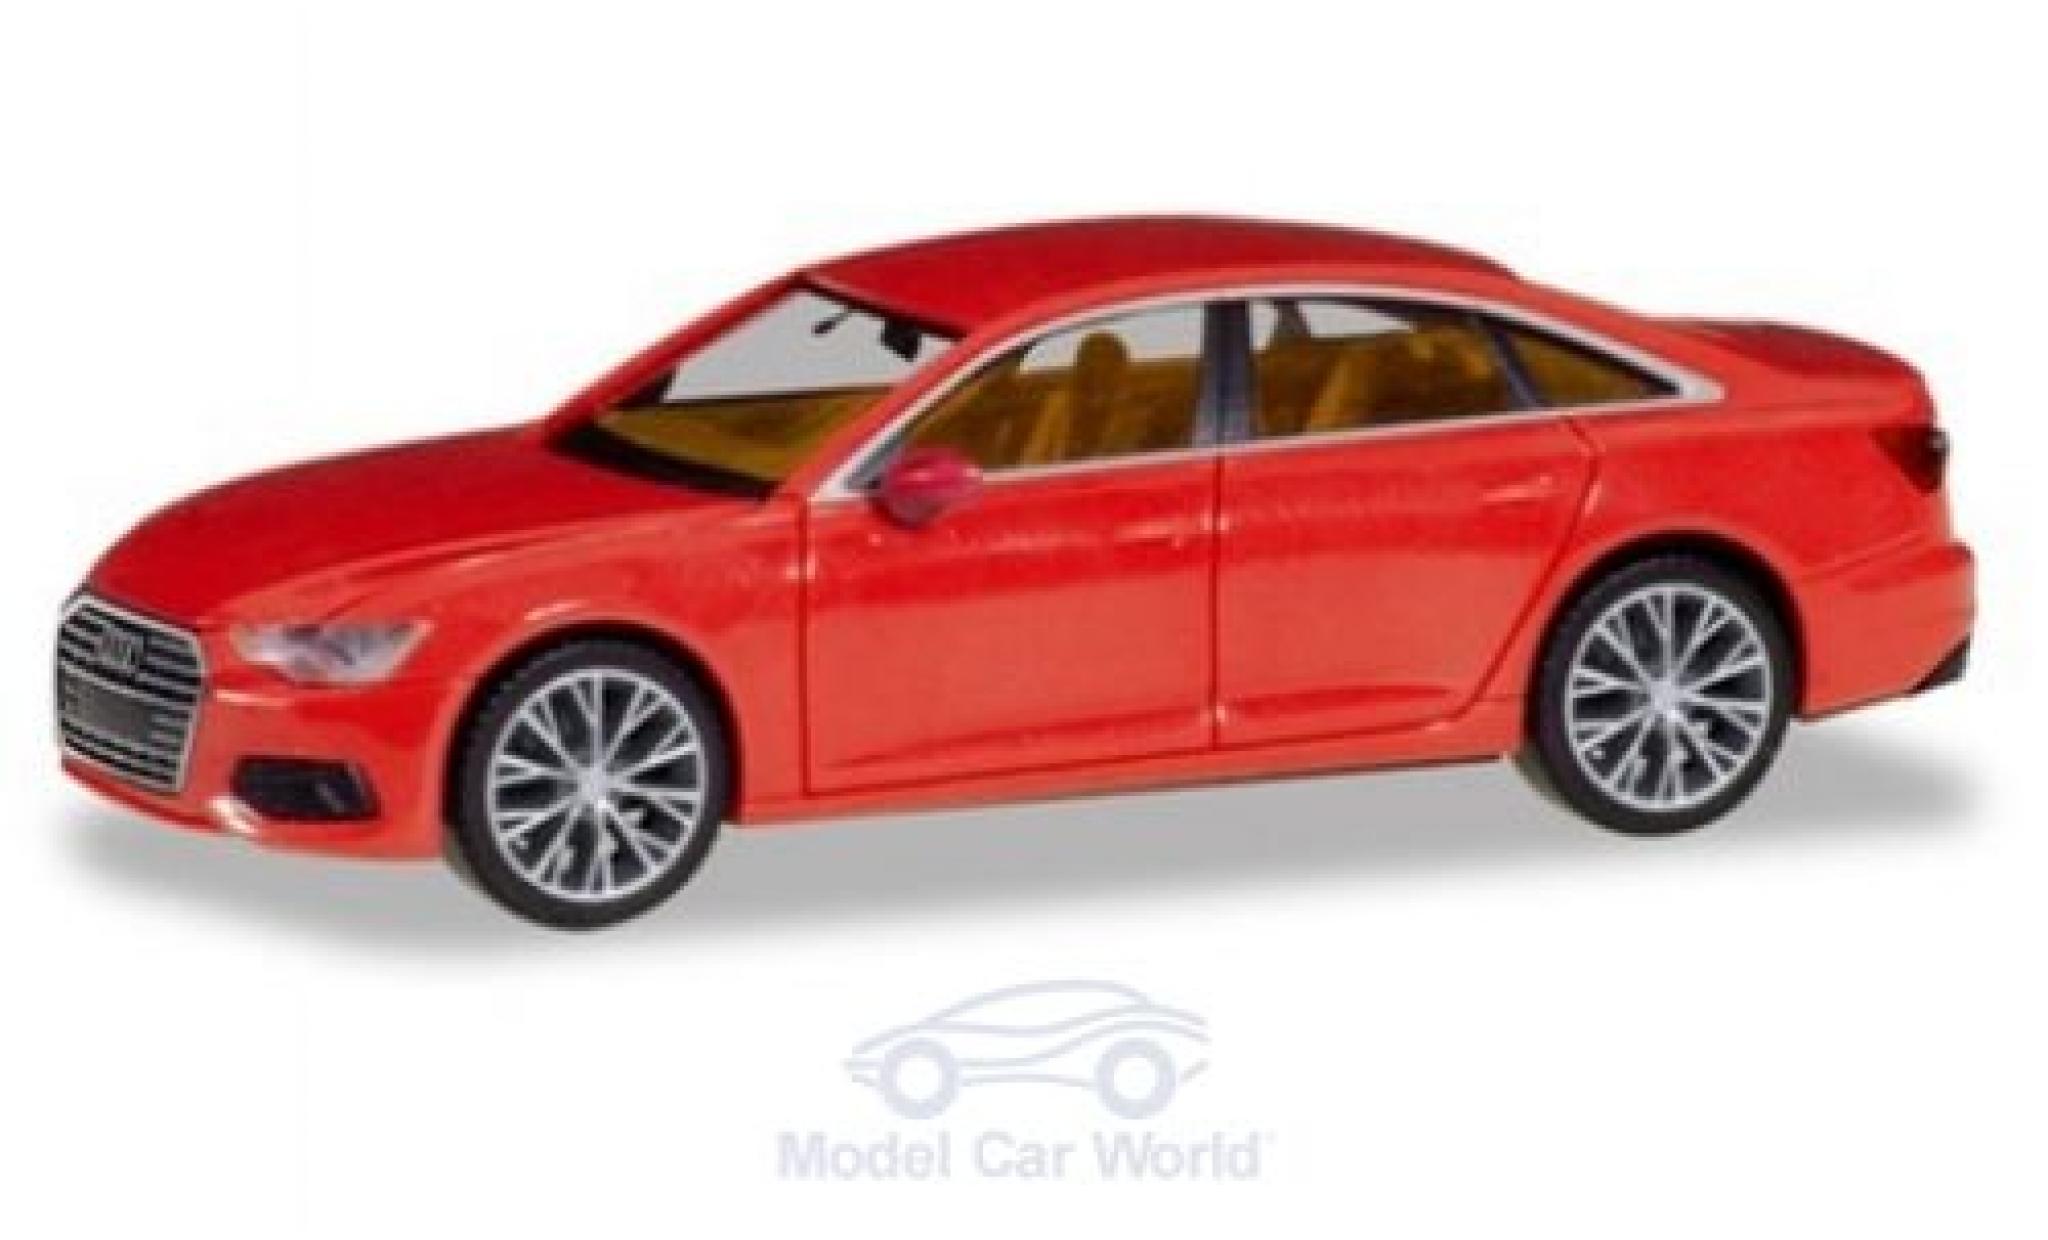 Audi A6 1/87 Herpa Limousine rouge mit zweifarbigen Felgen